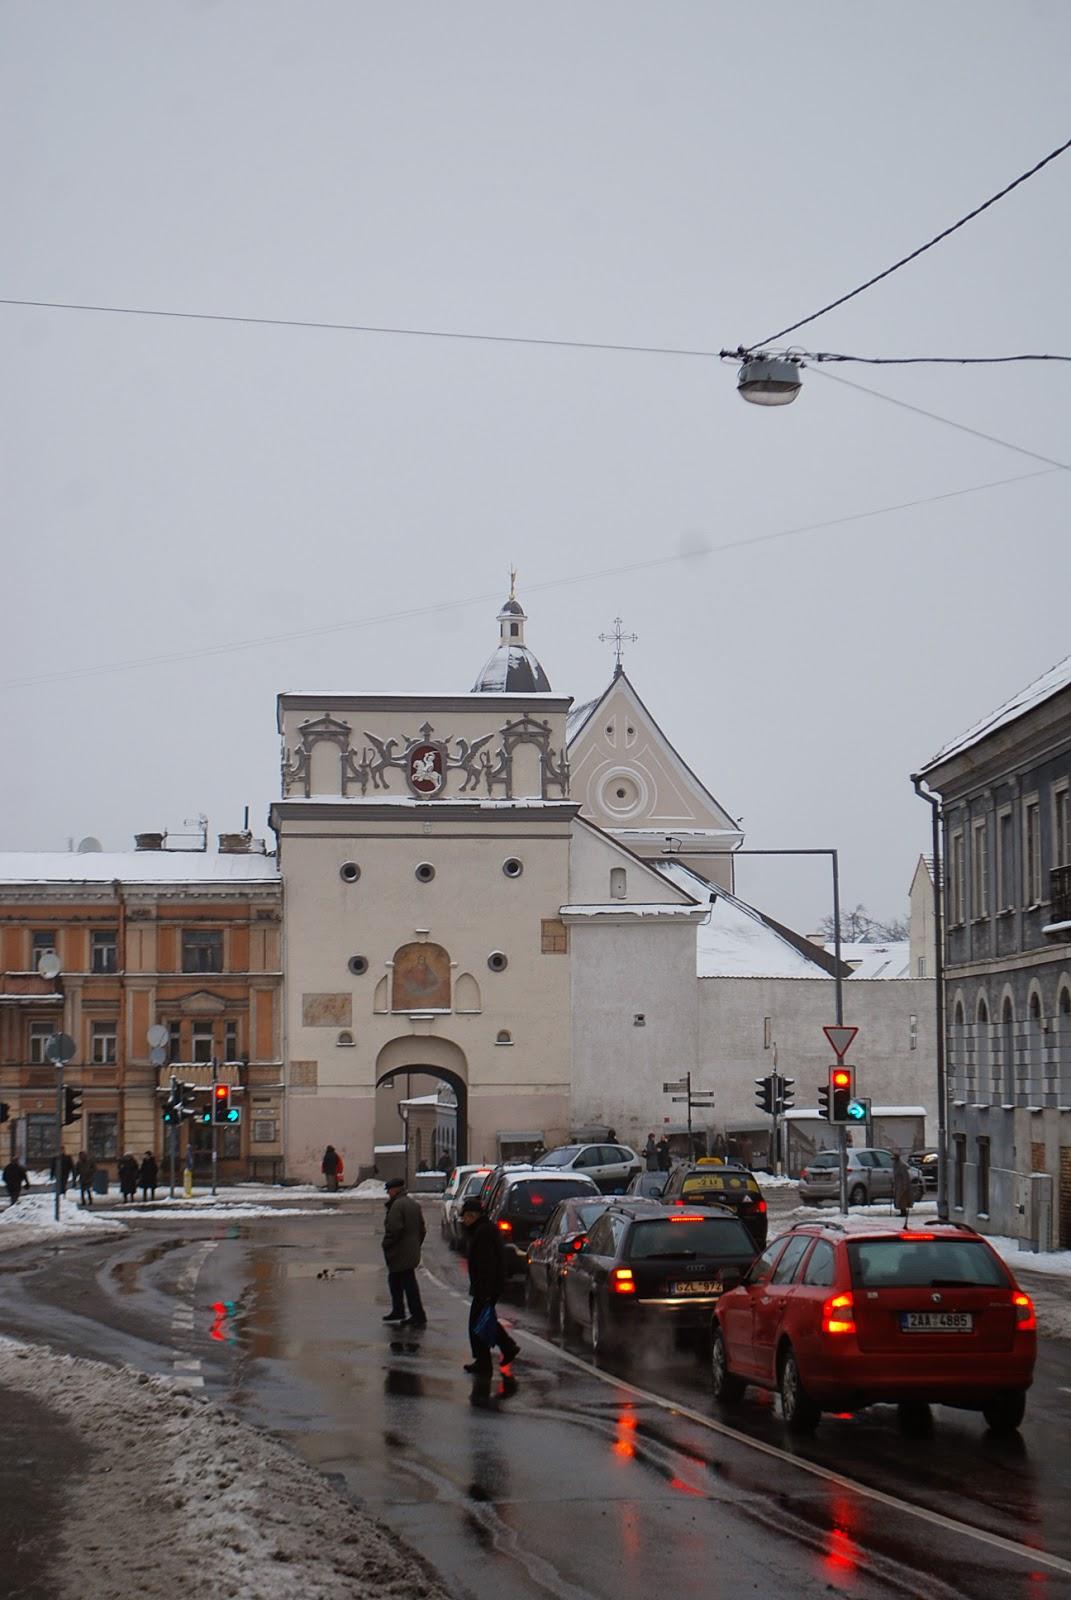 Острая брама (Острые ворота), вид со стороны Ж\Д вокзала.